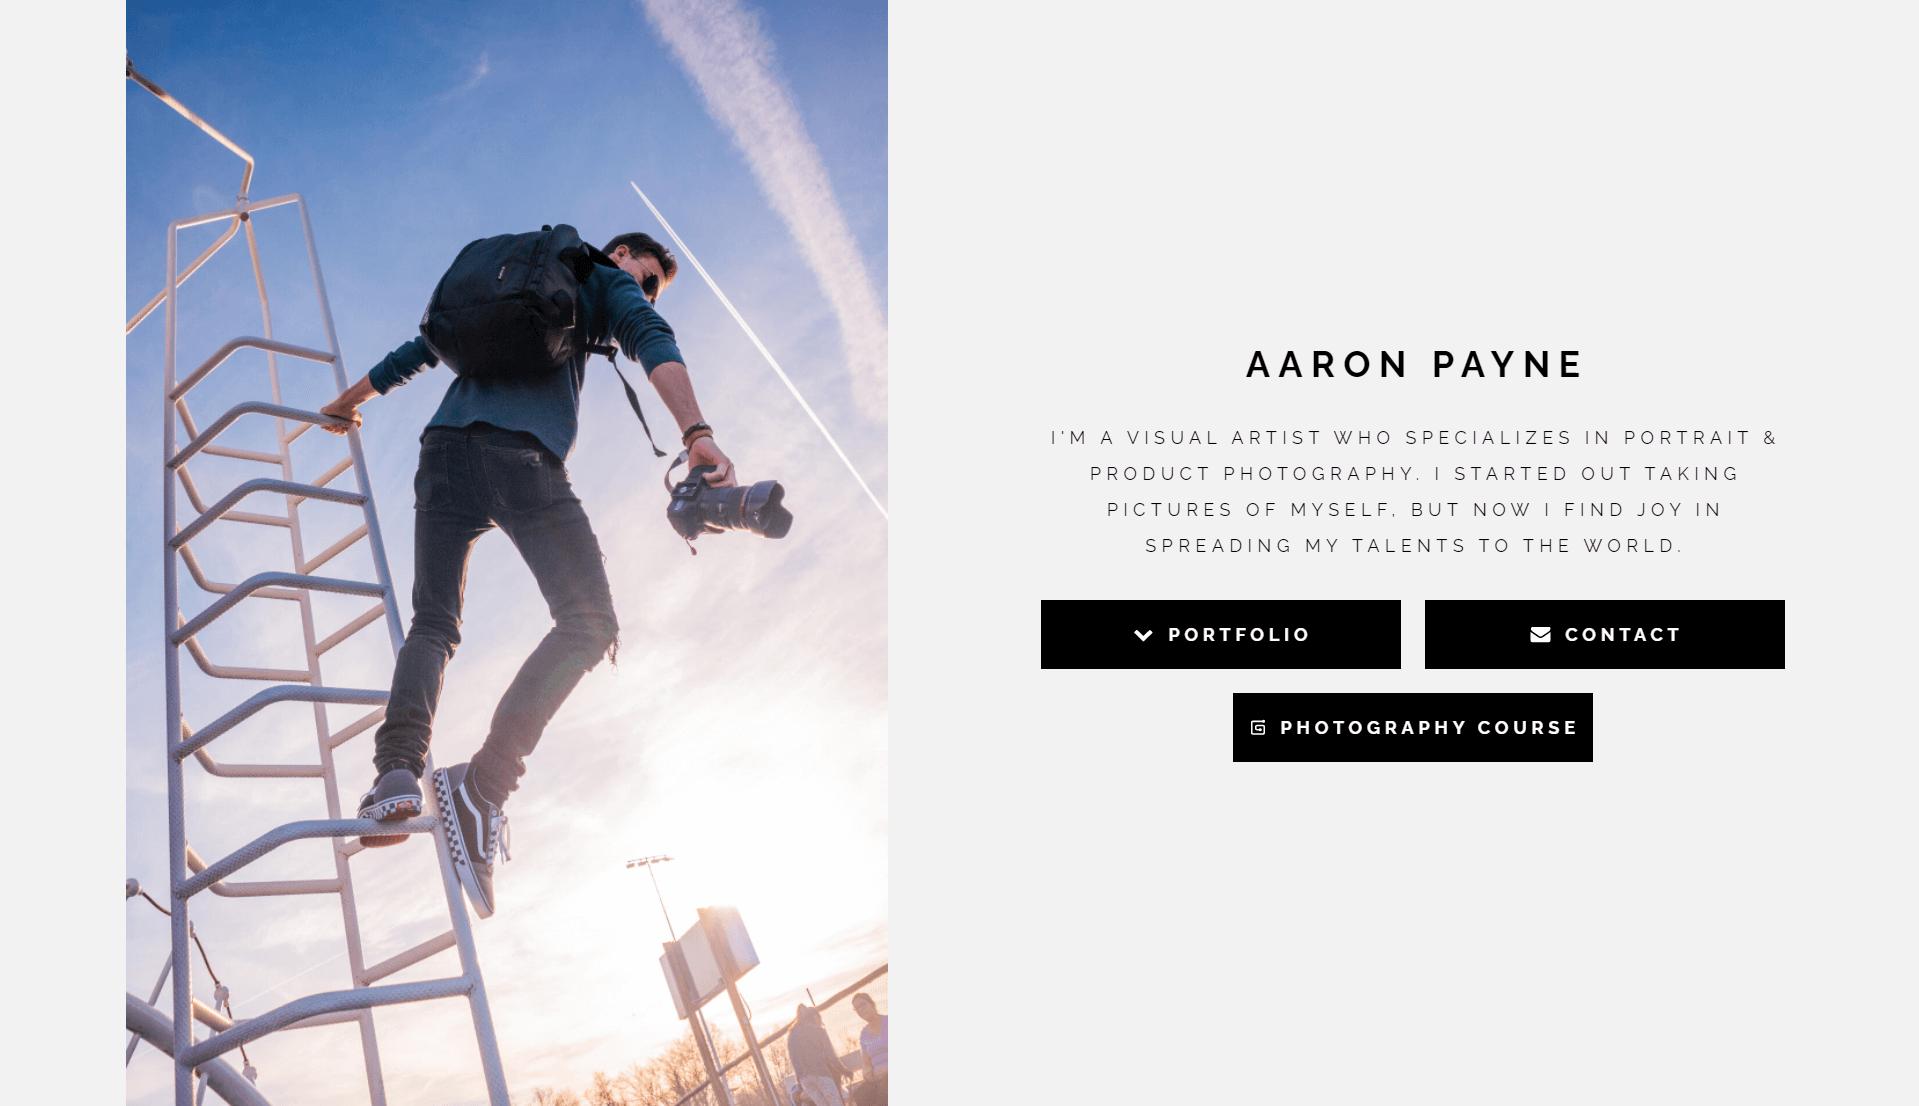 Aaron Payne